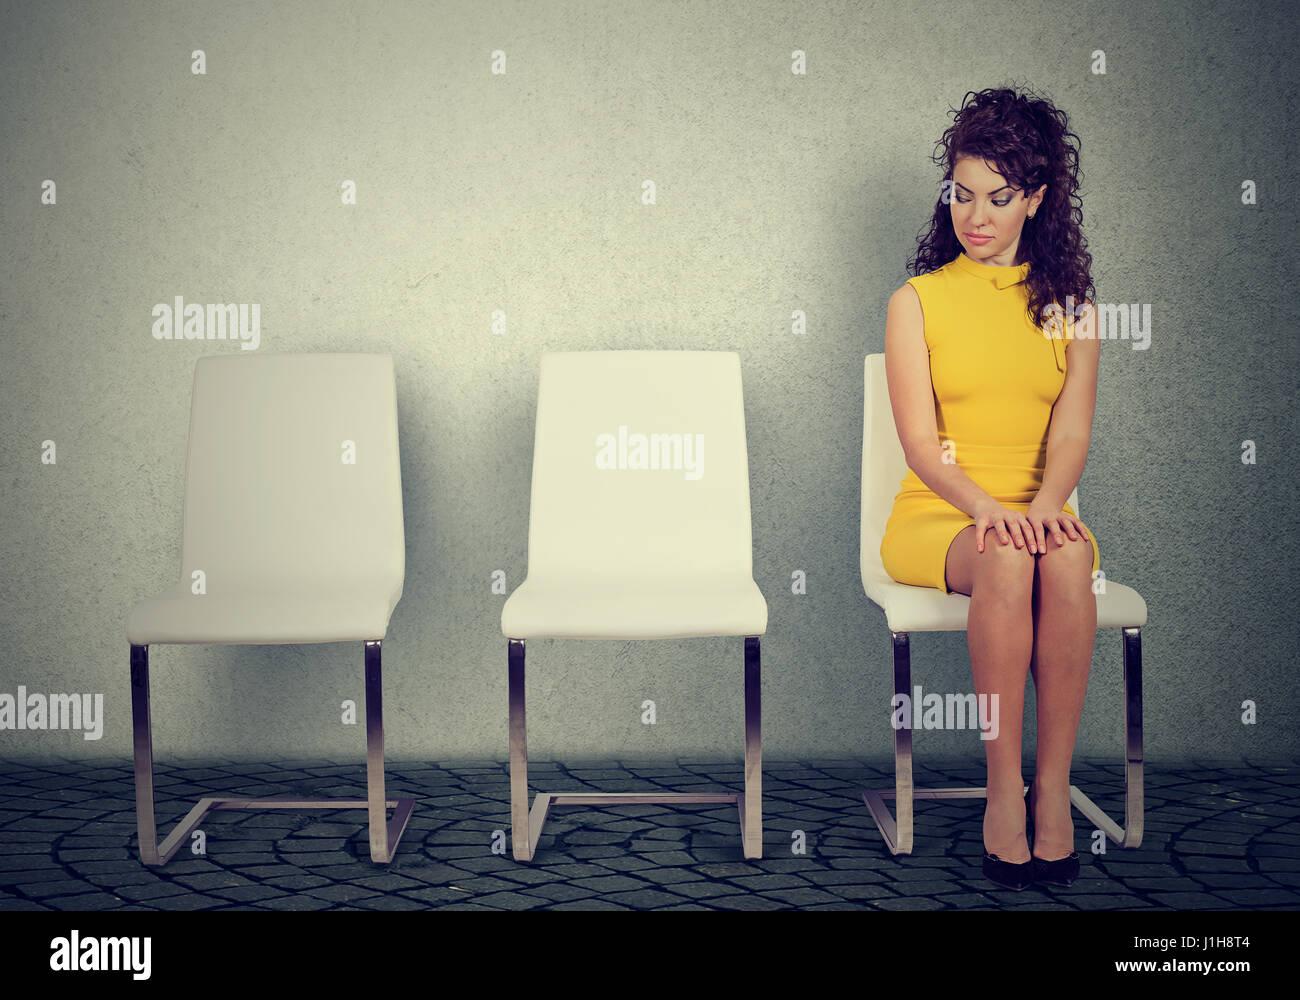 Jeune femme assise sur une chaise en attente d'entrevue d'emploi Banque D'Images